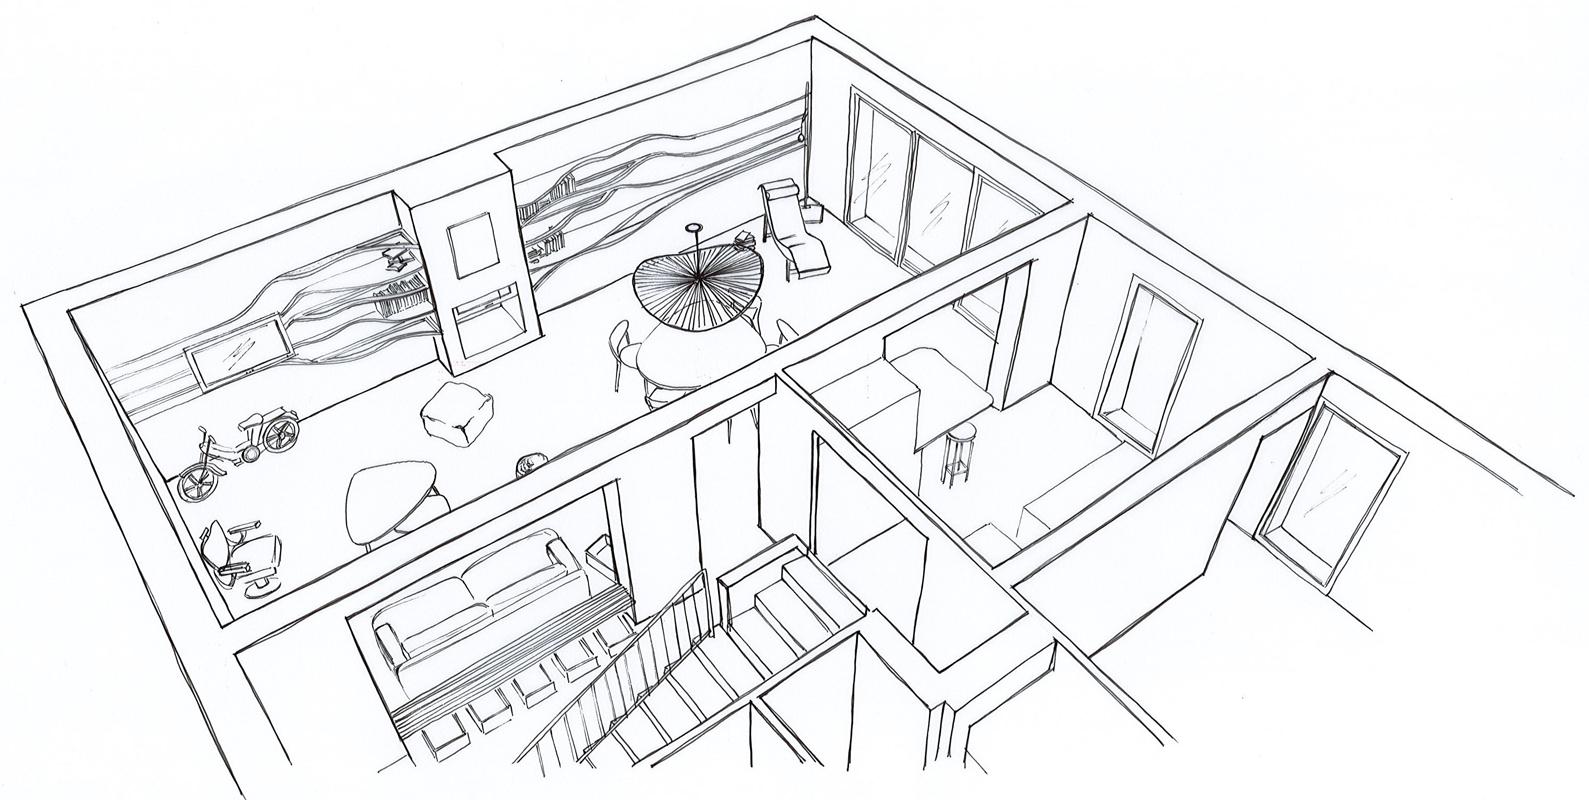 Projet d'aménagement intérieur maison - St-Gilles-Croix-de-Vie